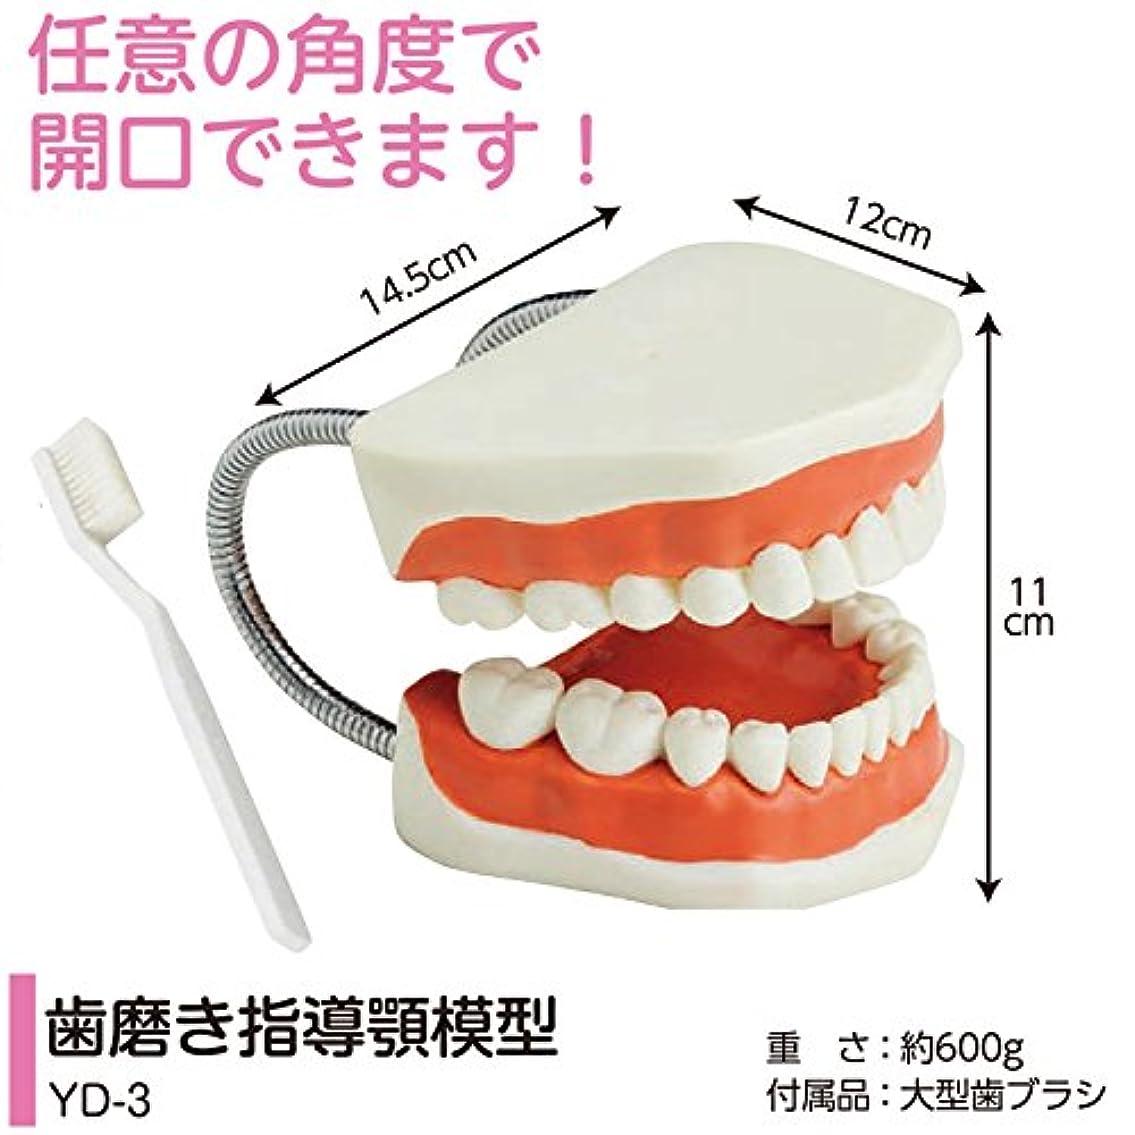 価格勤勉フランクワースリー歯磨き指導用 顎模型 YD-3(歯ブラシ付) 軽くて持ちやすい歯みがき指導顎模型